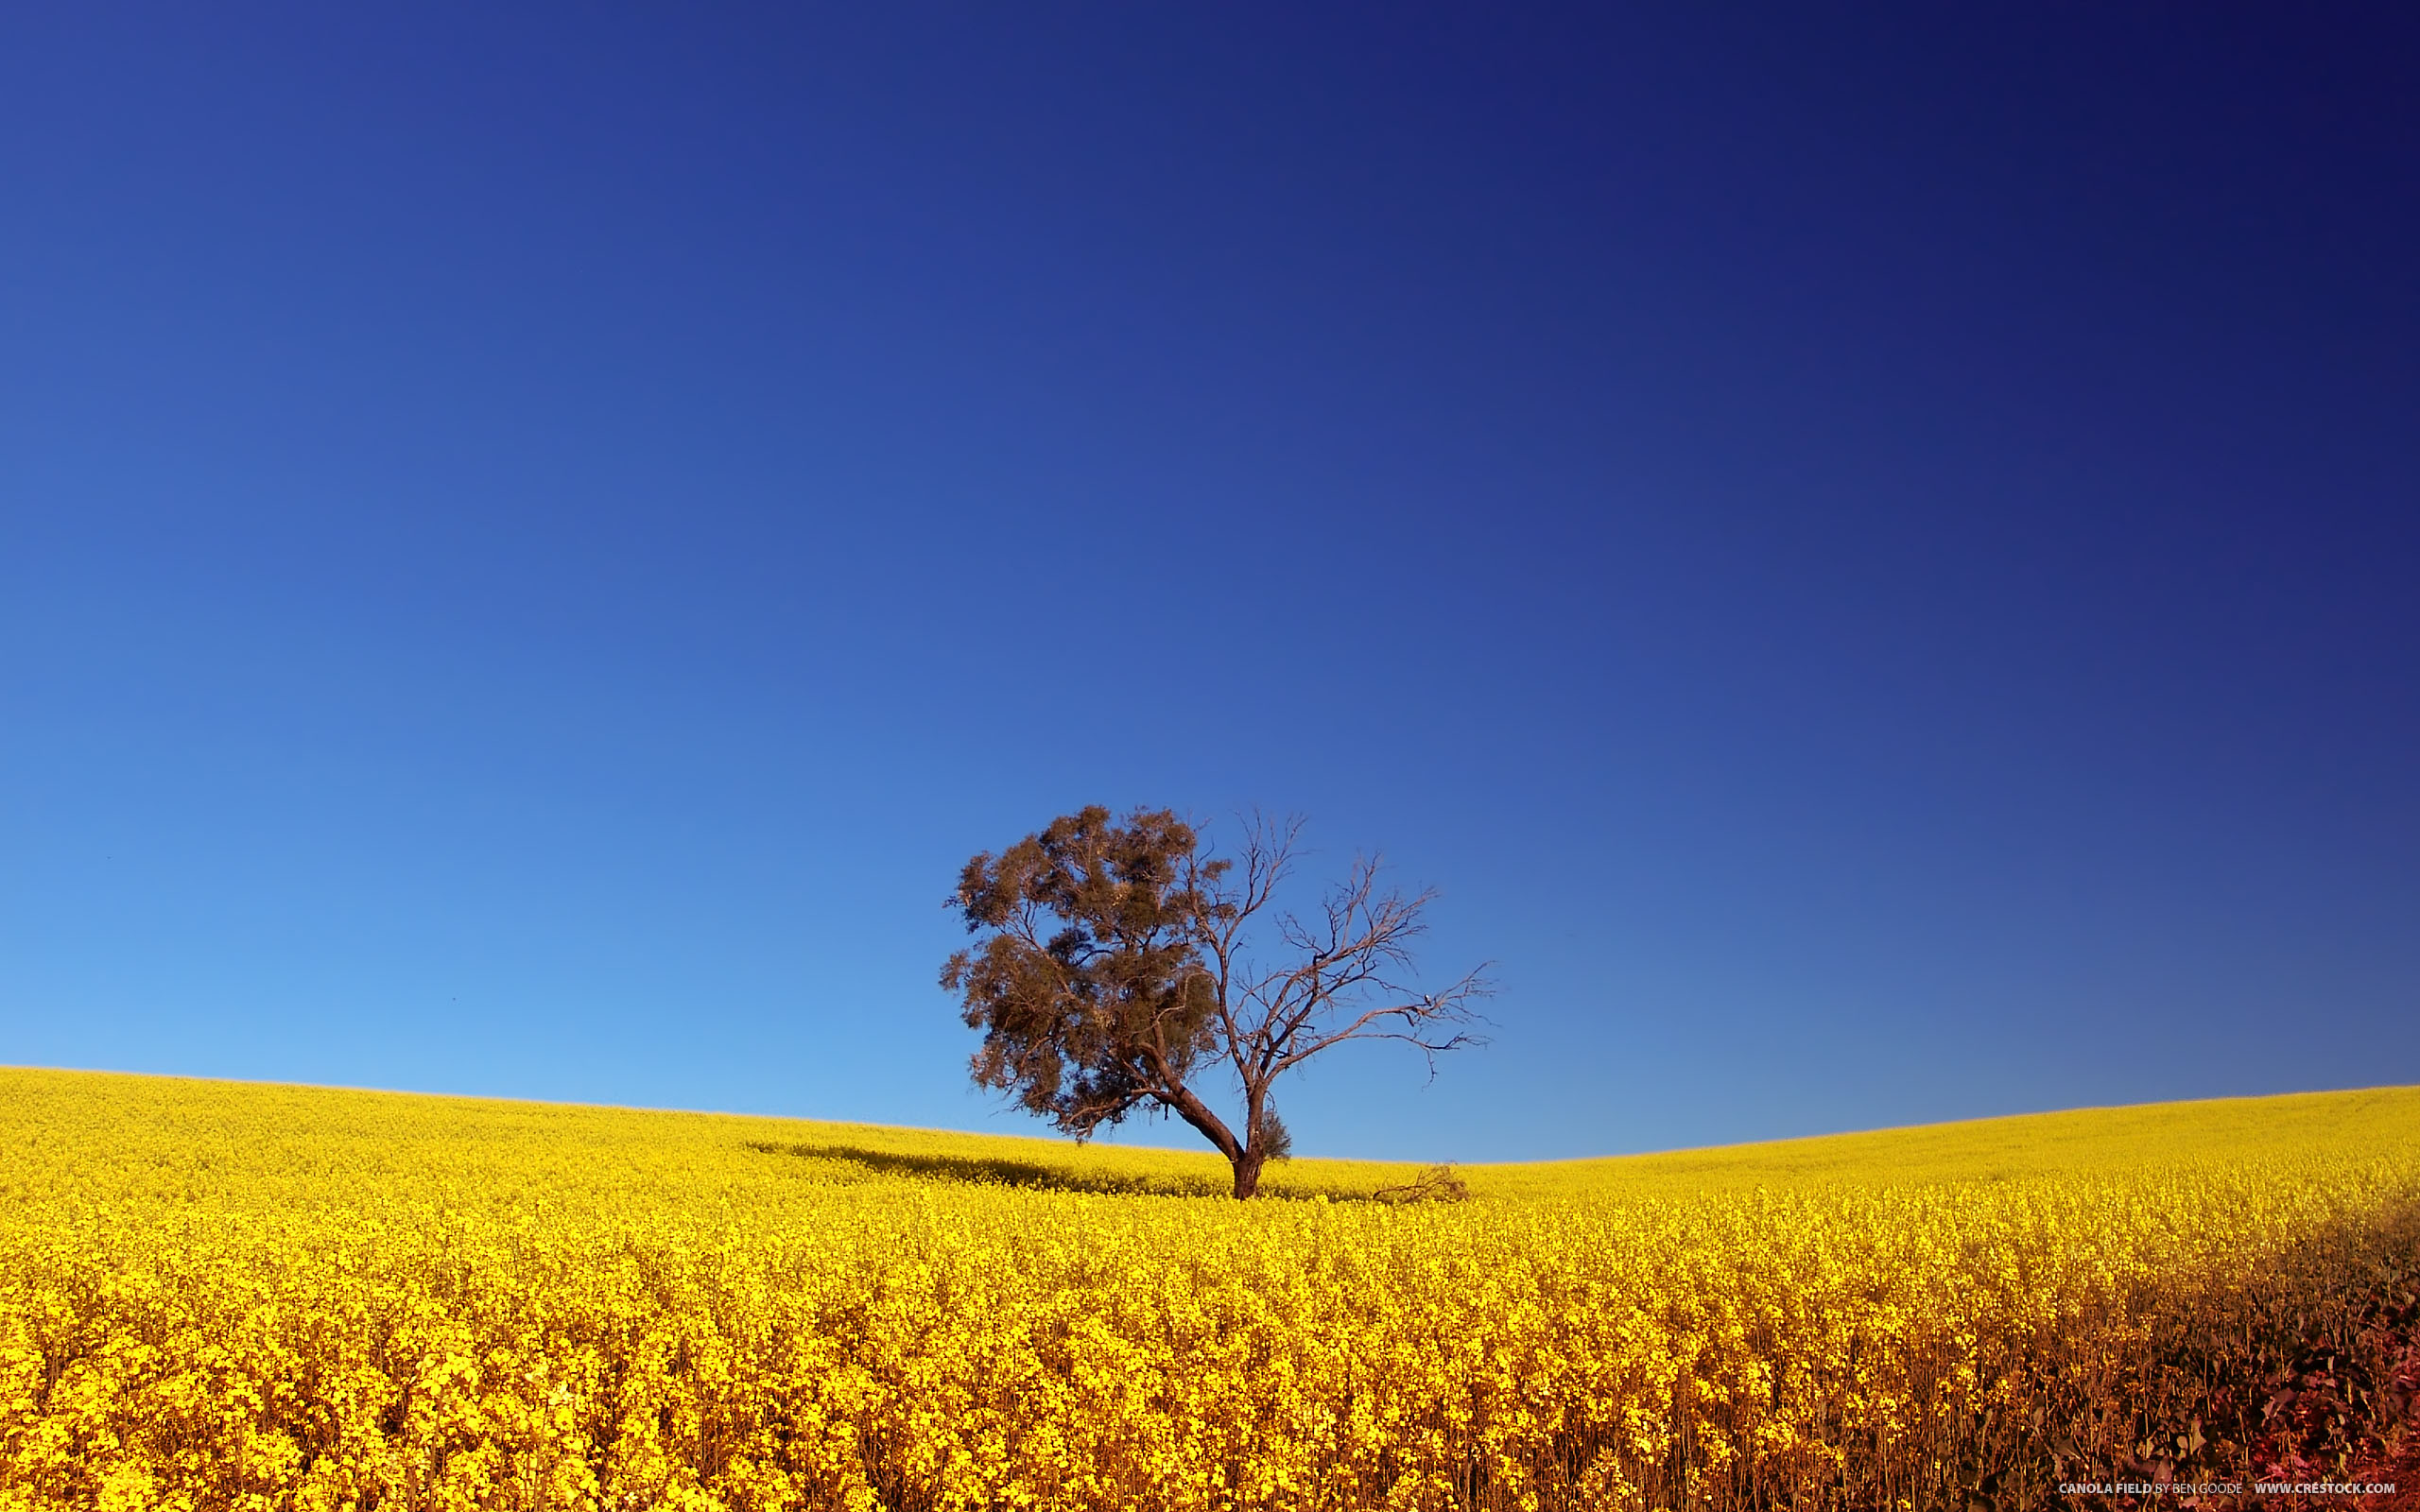 Обои Дерево, поле, небо для рабочего стола - картинка #12490, скачать